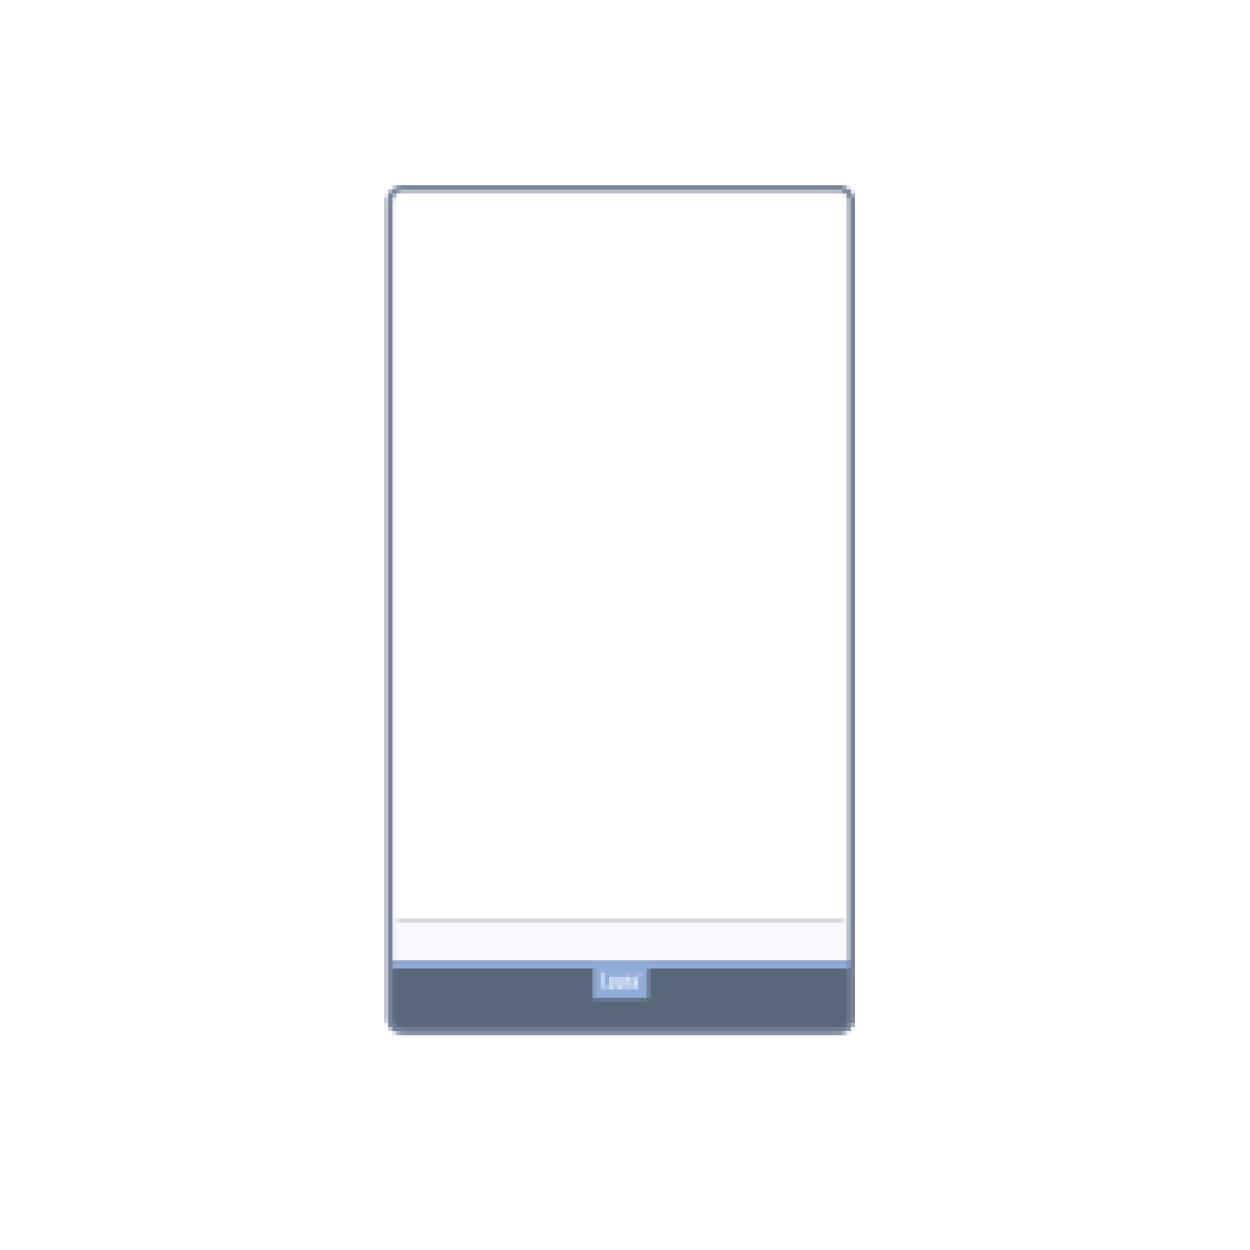 lunio mattress 04